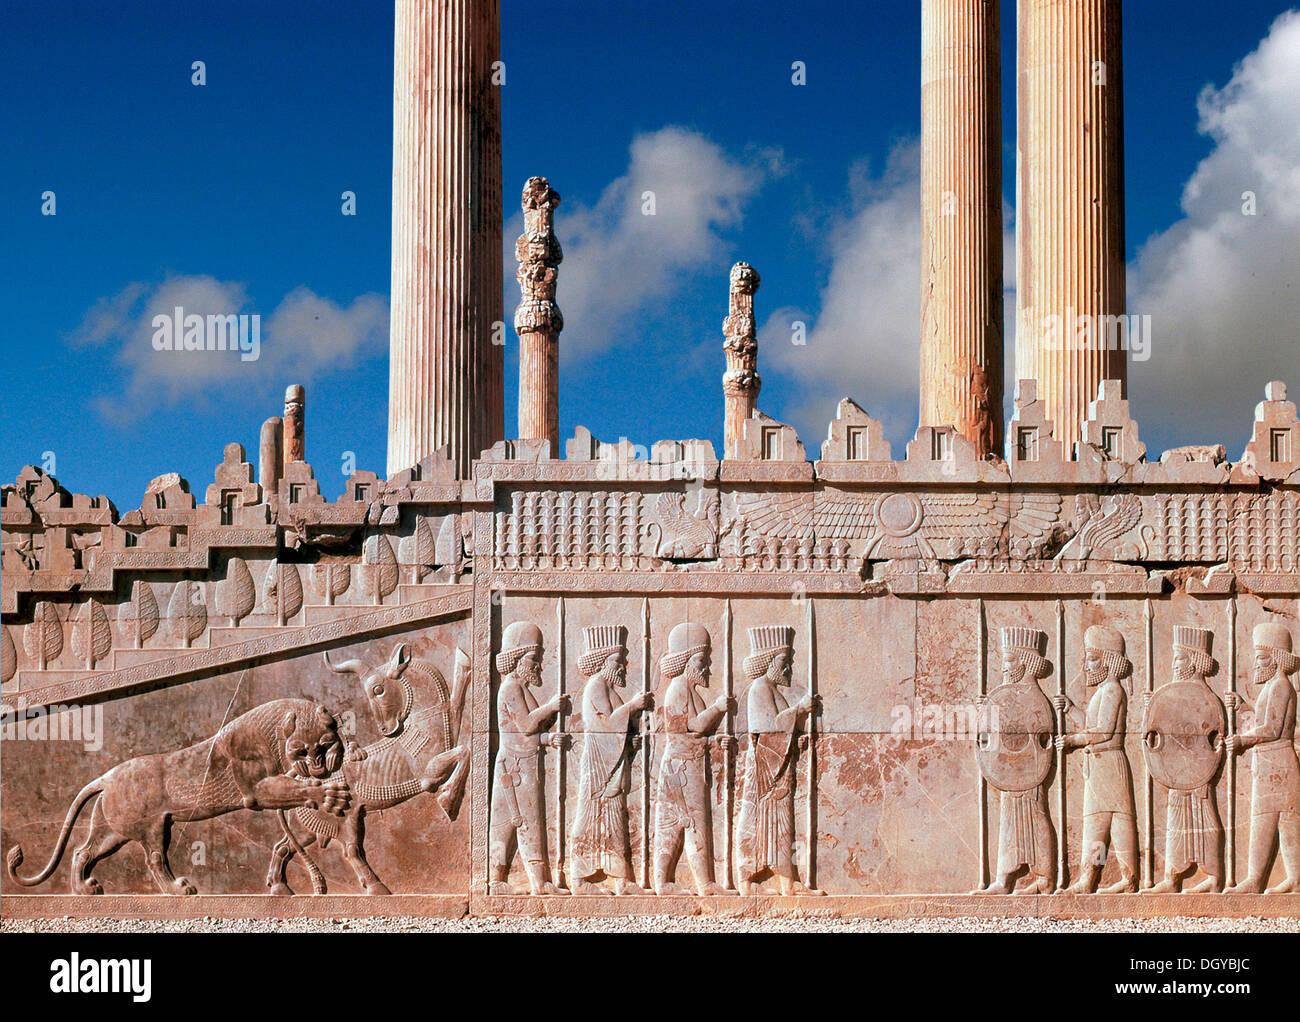 5713 Persepolis Iran Remains Of King Darius I Audience Hall Stock Photo Alamy